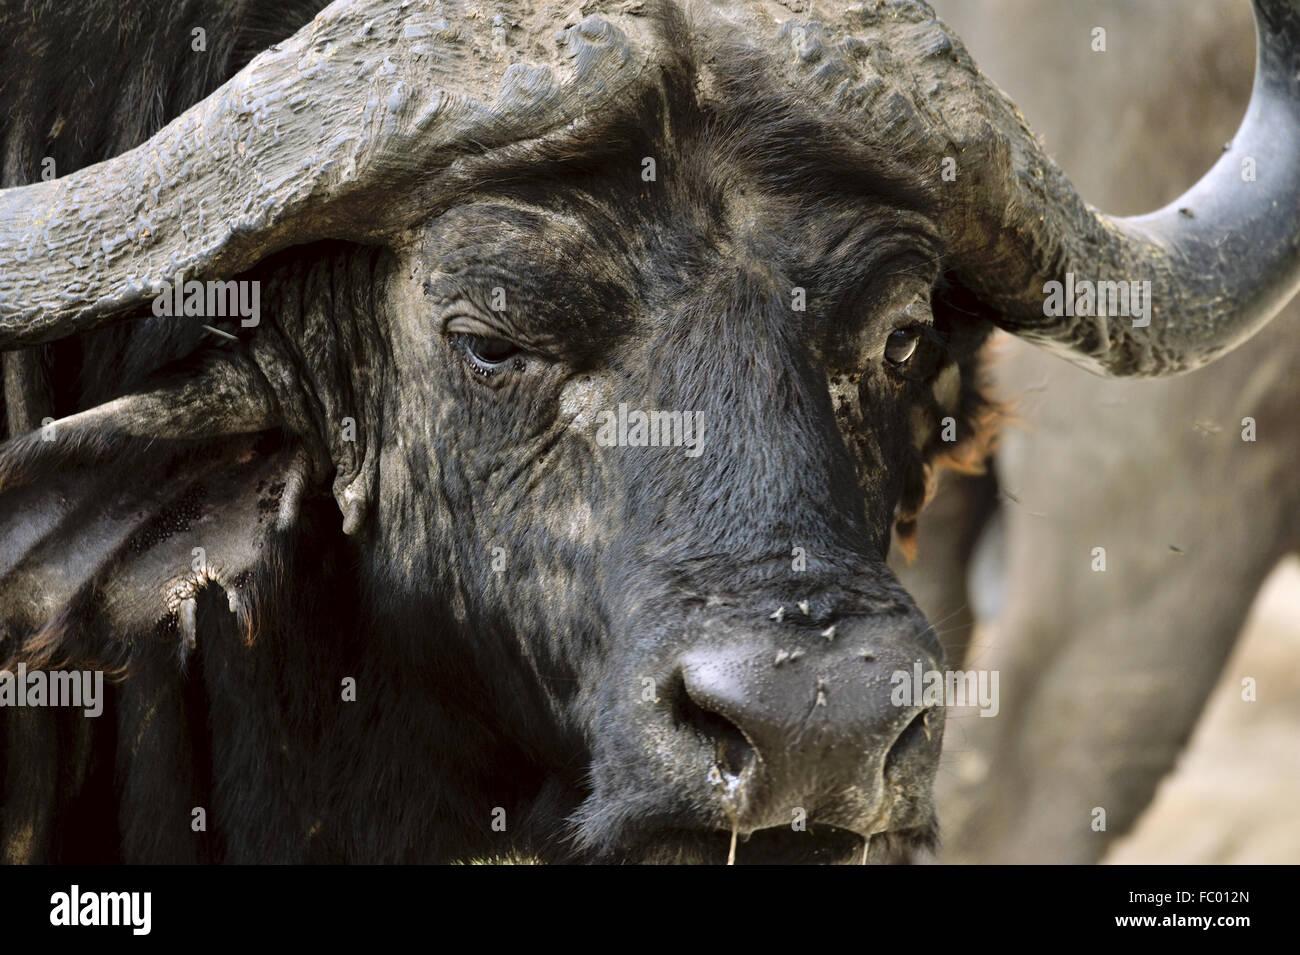 Cerca de Buffalo cara Imagen De Stock